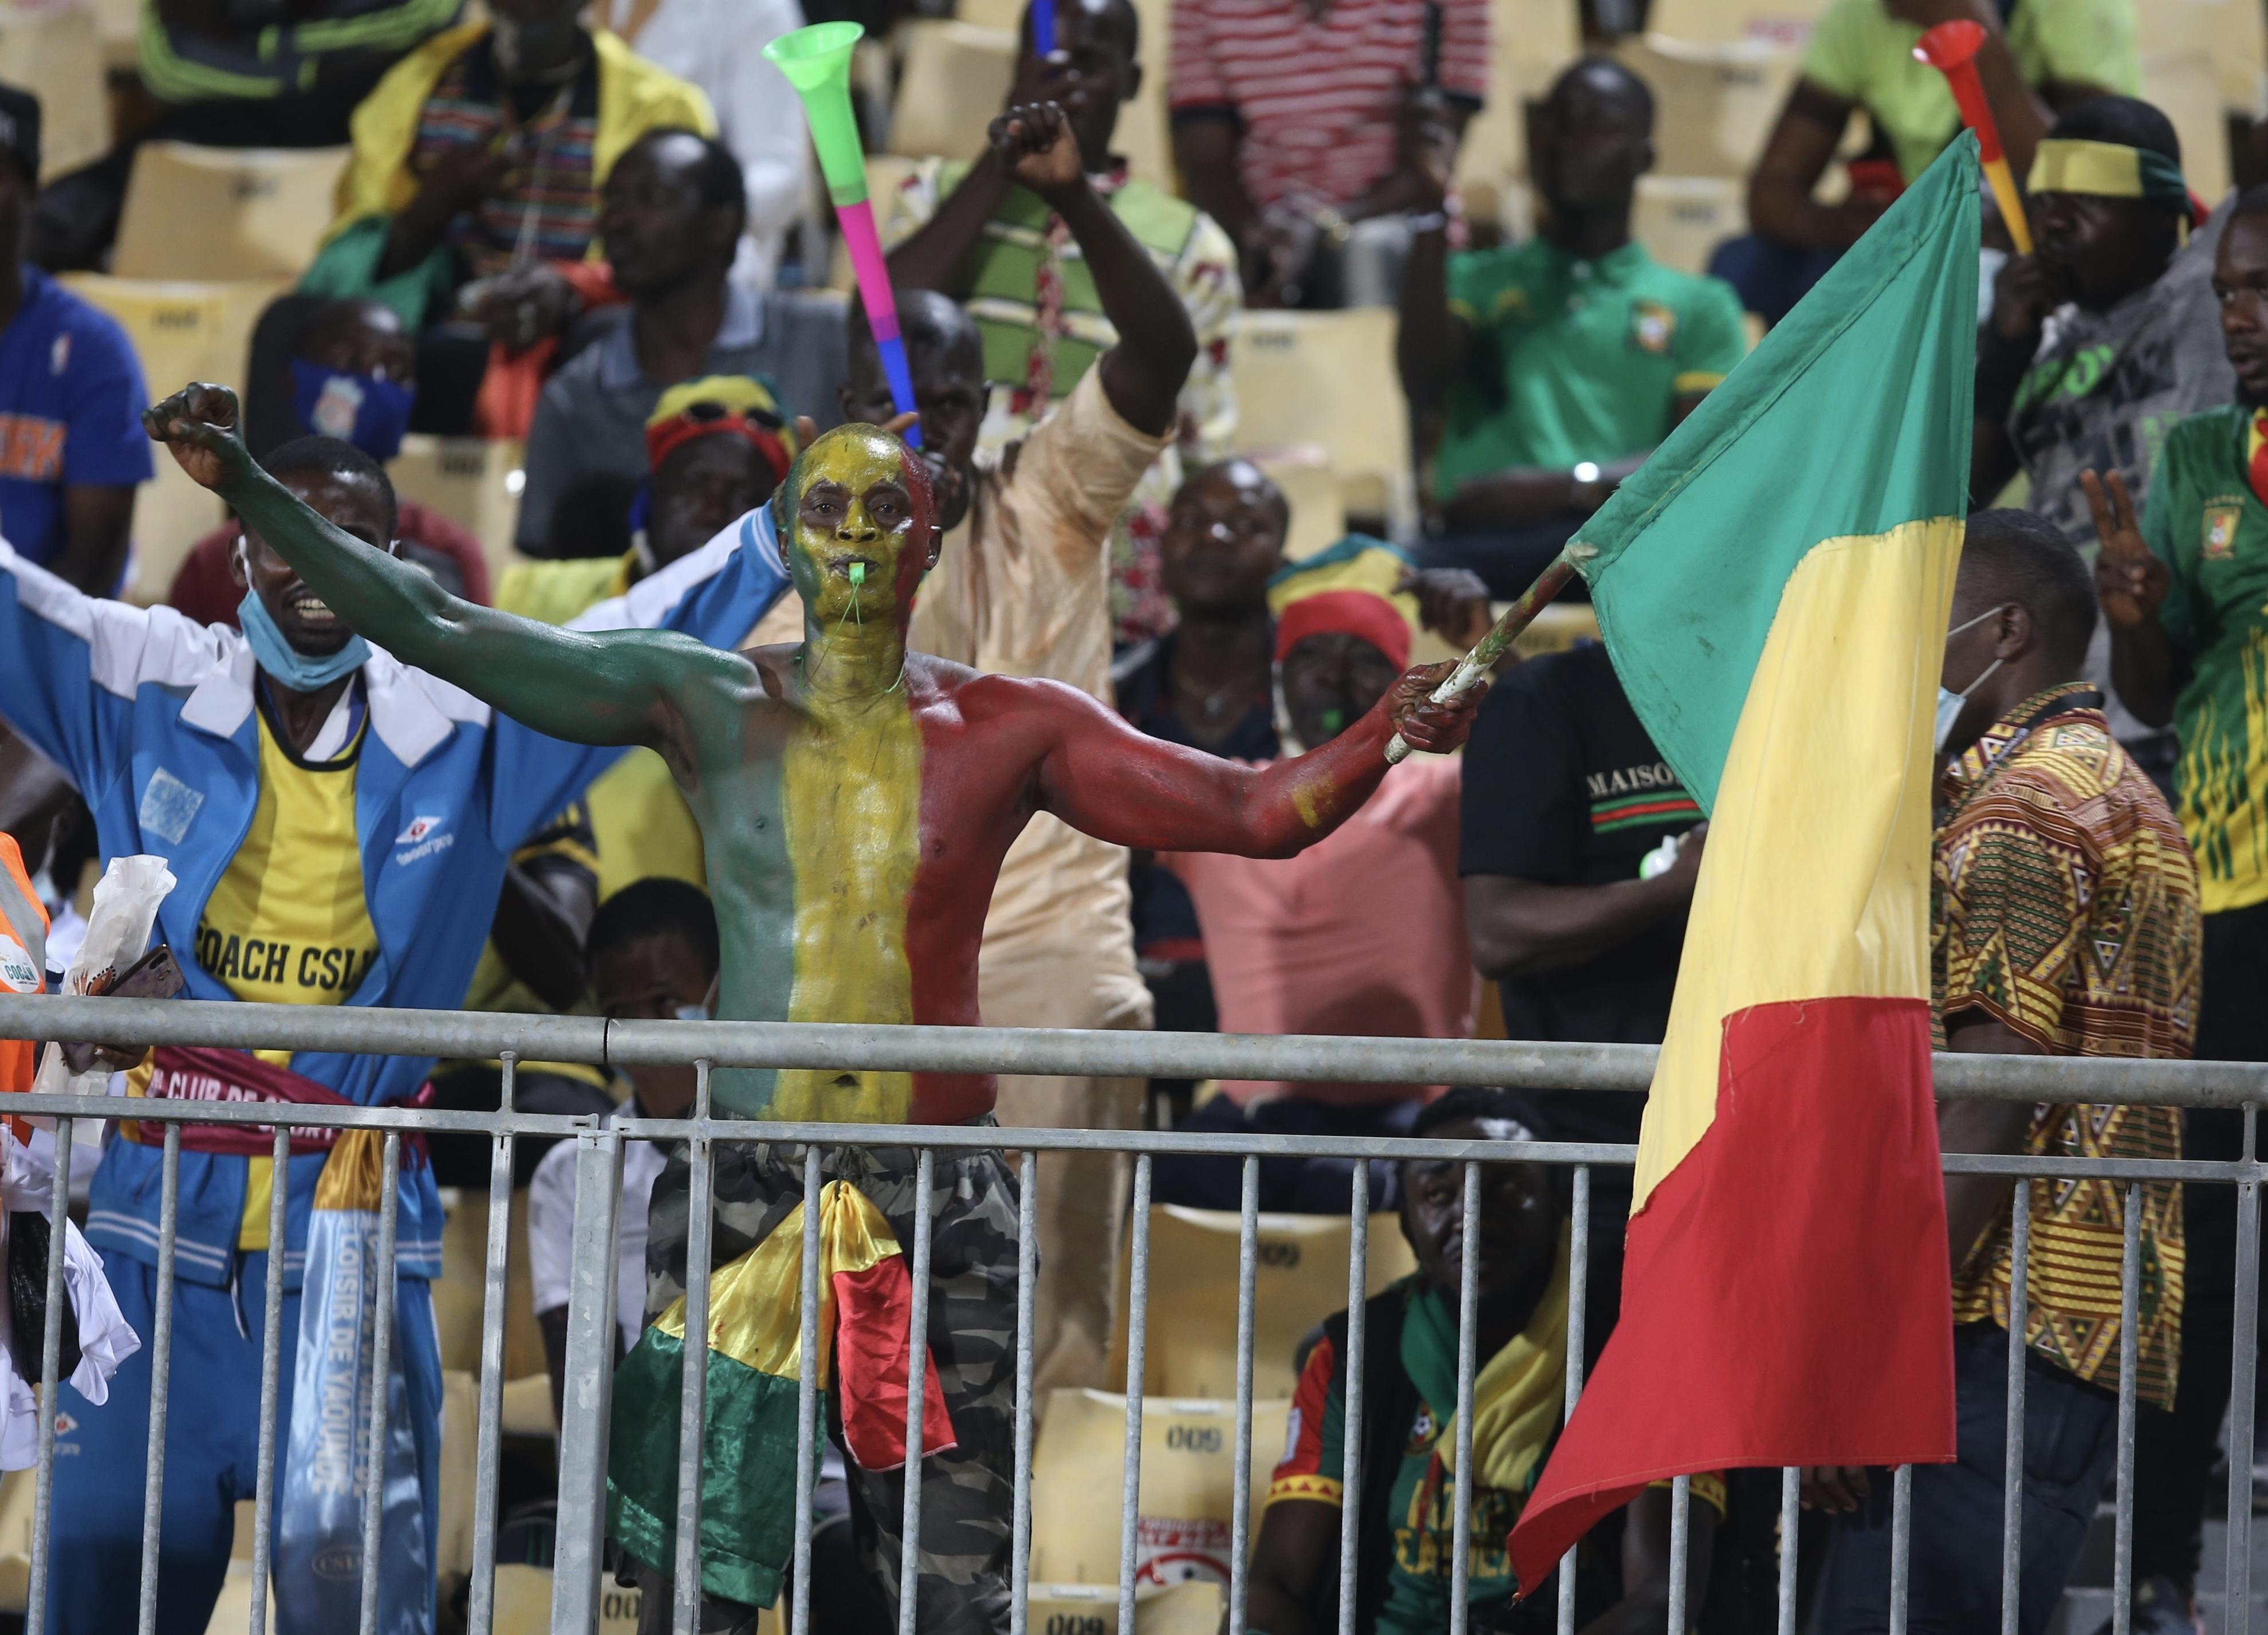 Без звездных игроков, но с болельщиками: что нужно знать про Чемпионат африканских наций-2020 (+Фото, Видео) - изображение 3